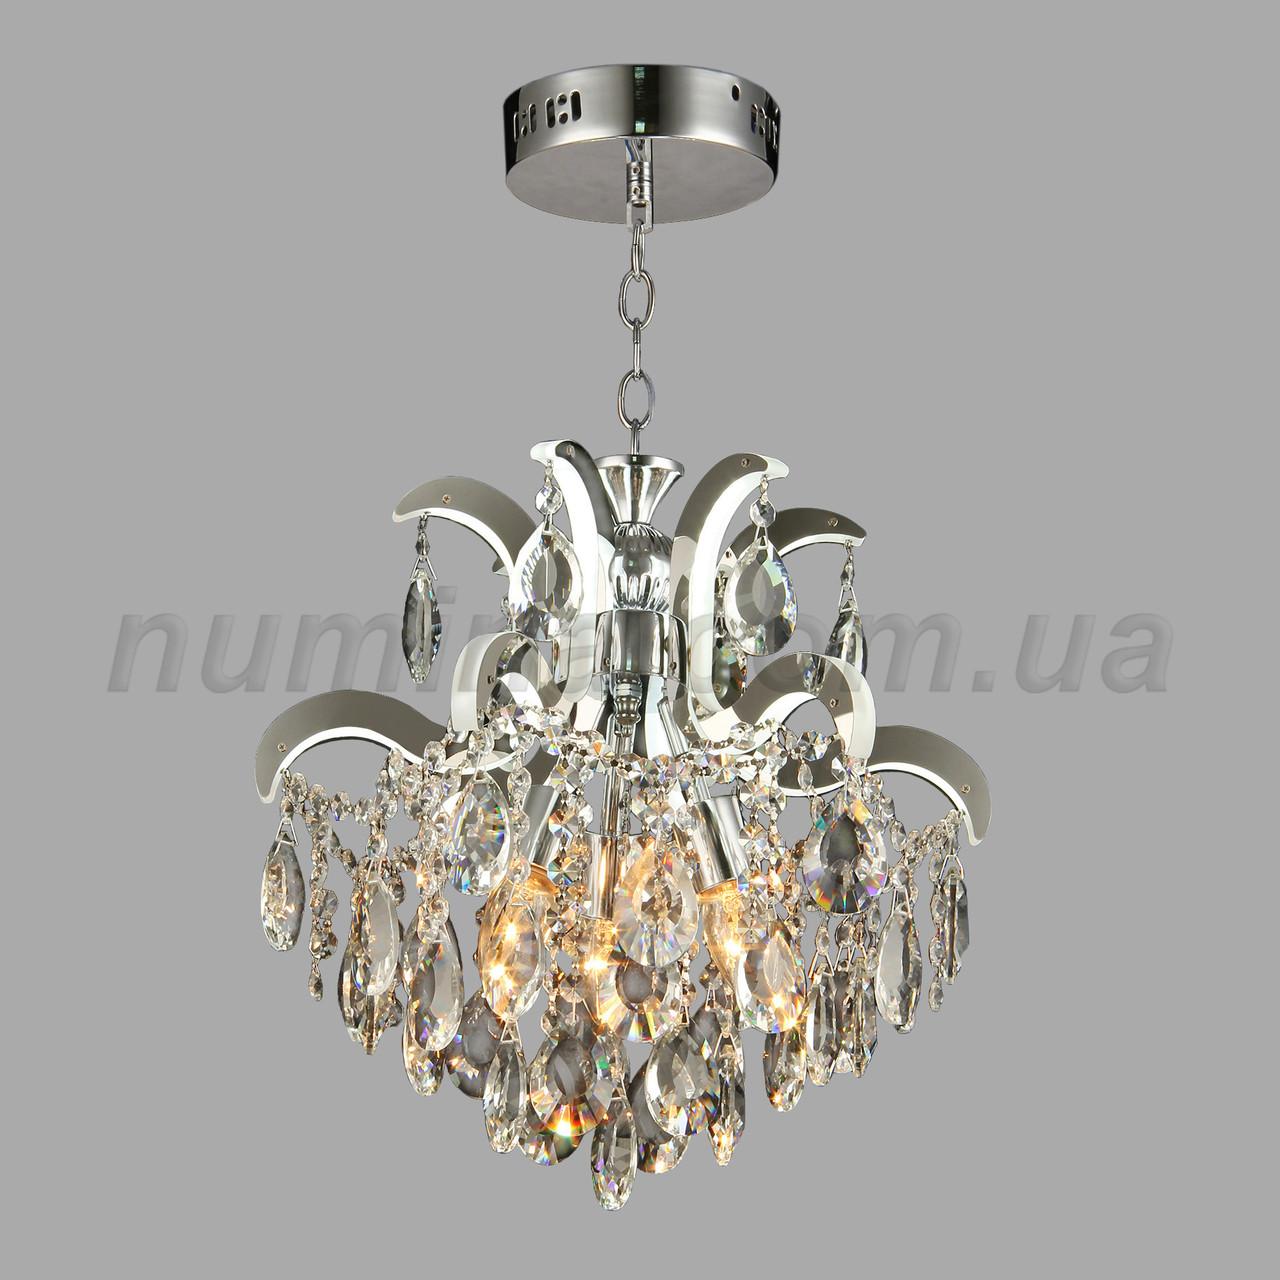 Подвесная хрустальная люстра на девять ламп3-E1629/3+6